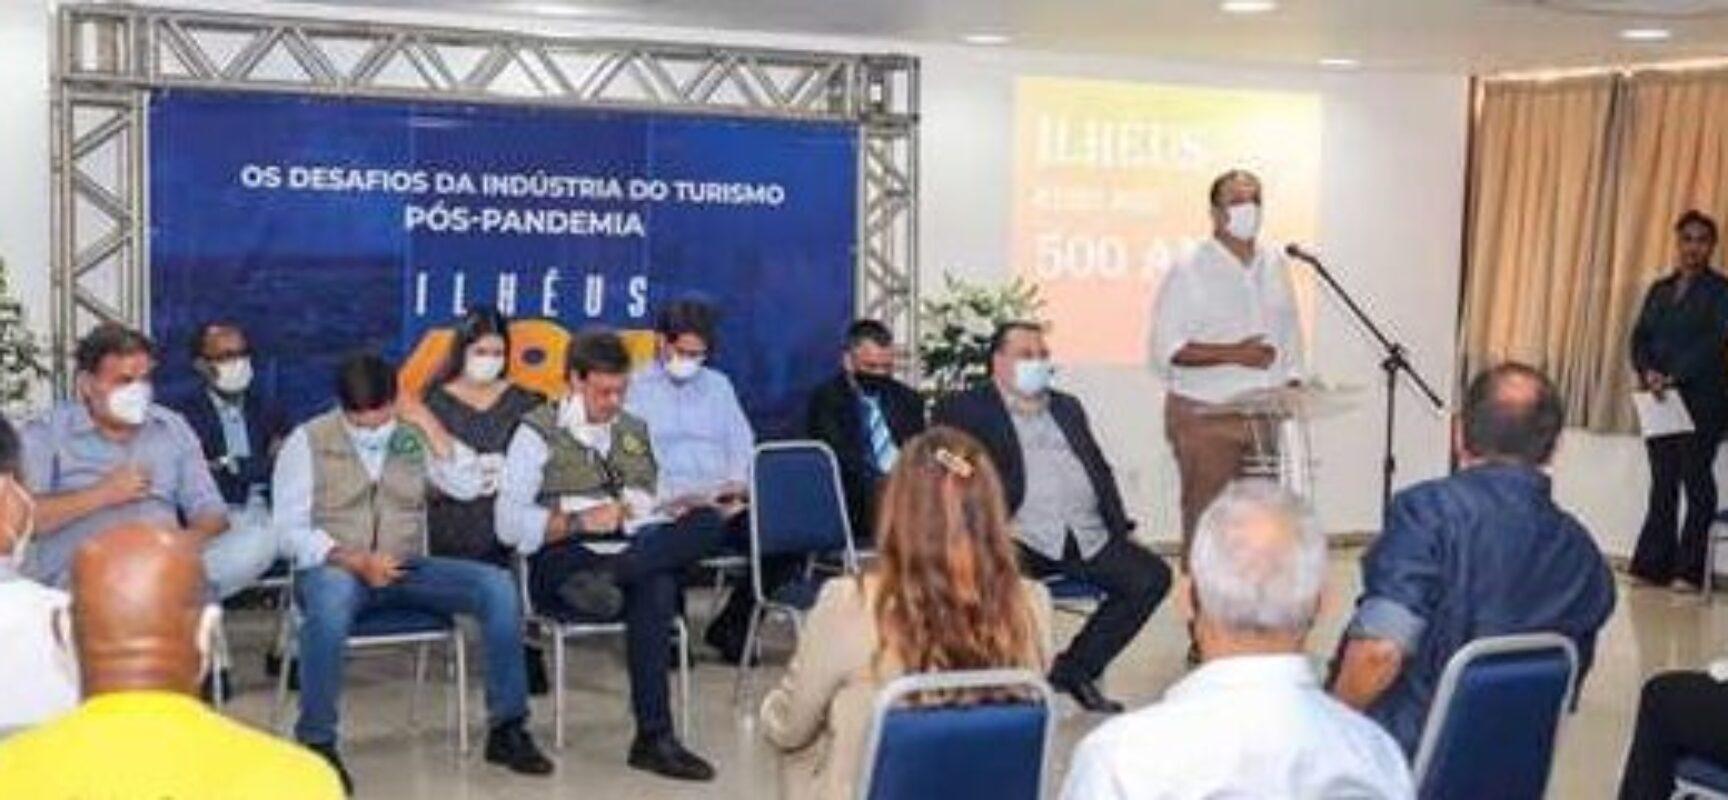 Em Ilhéus, ministros dialogam sobre retomada do turismo na região sul da Bahia